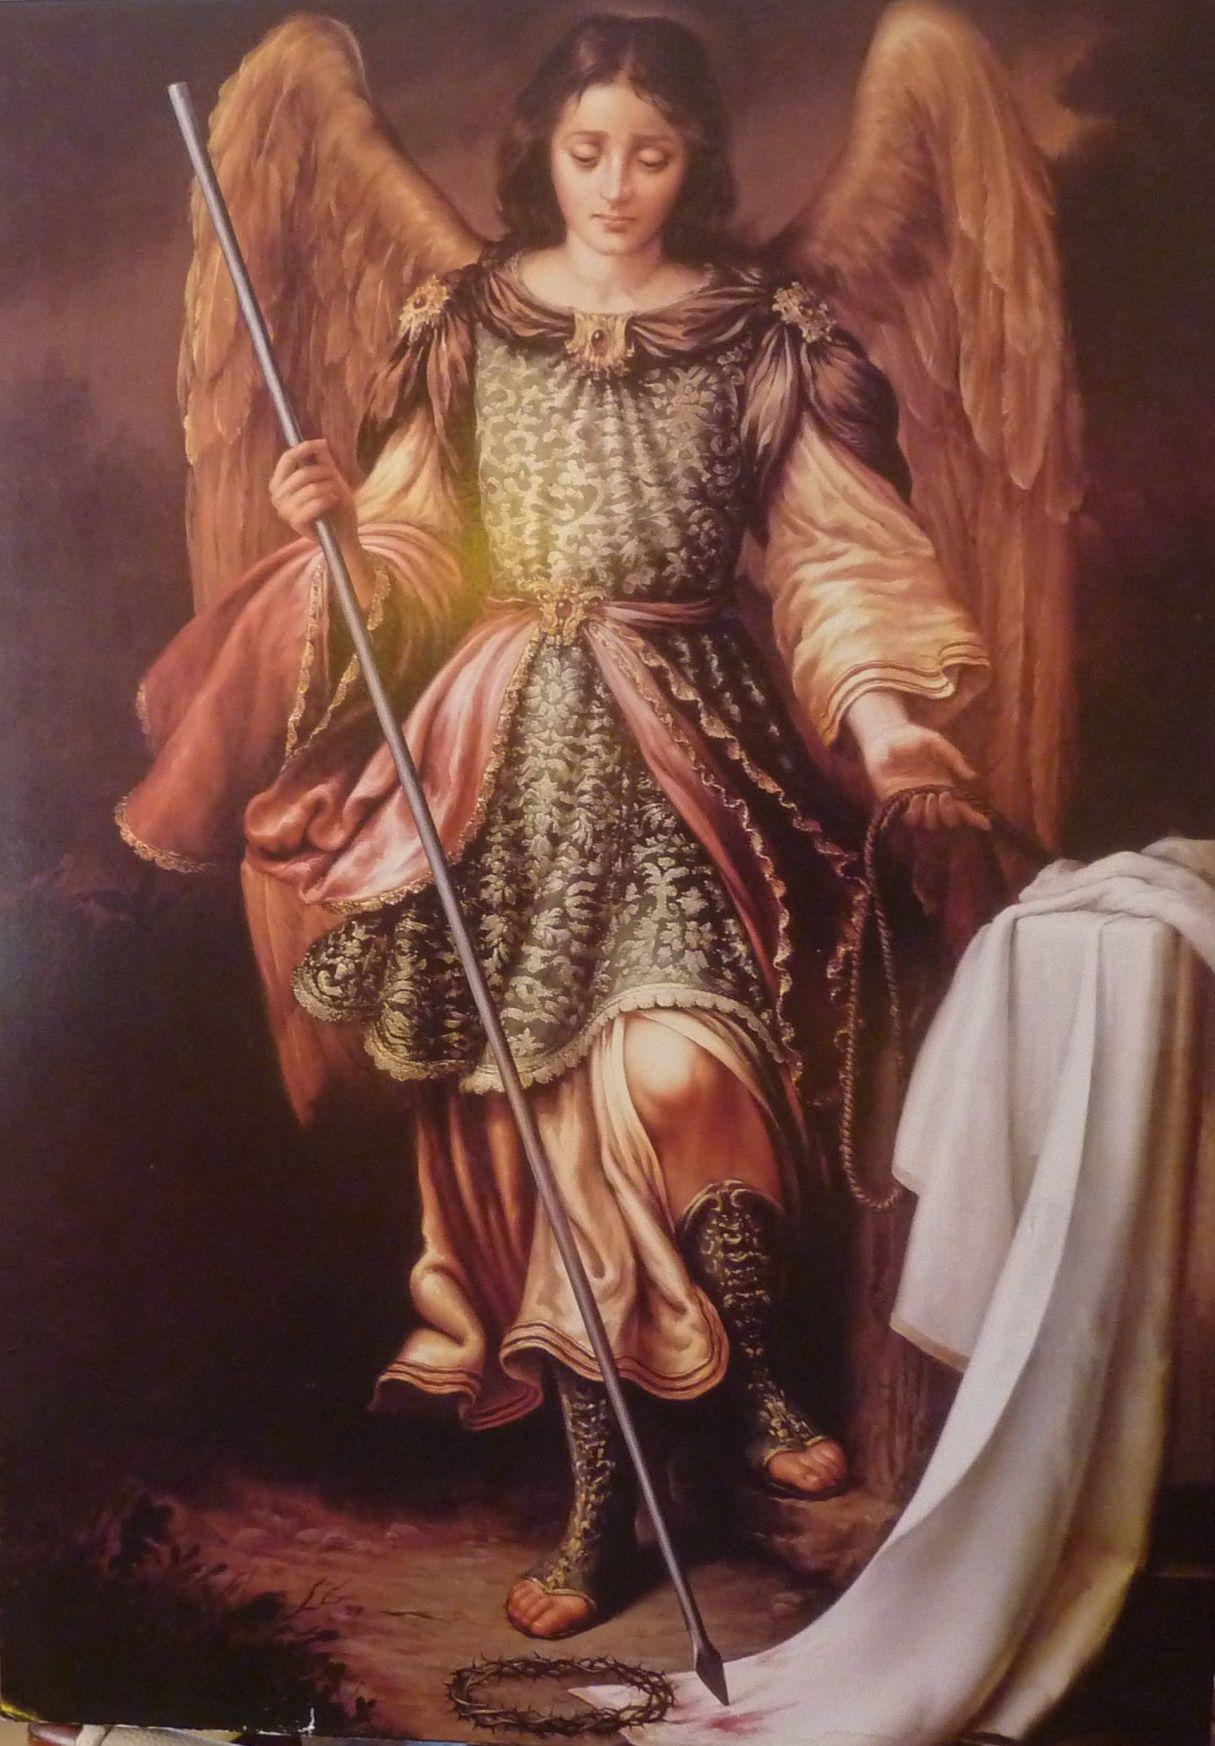 Arcangel Follando arcángel san miguel. | st raphael archangel, archangel